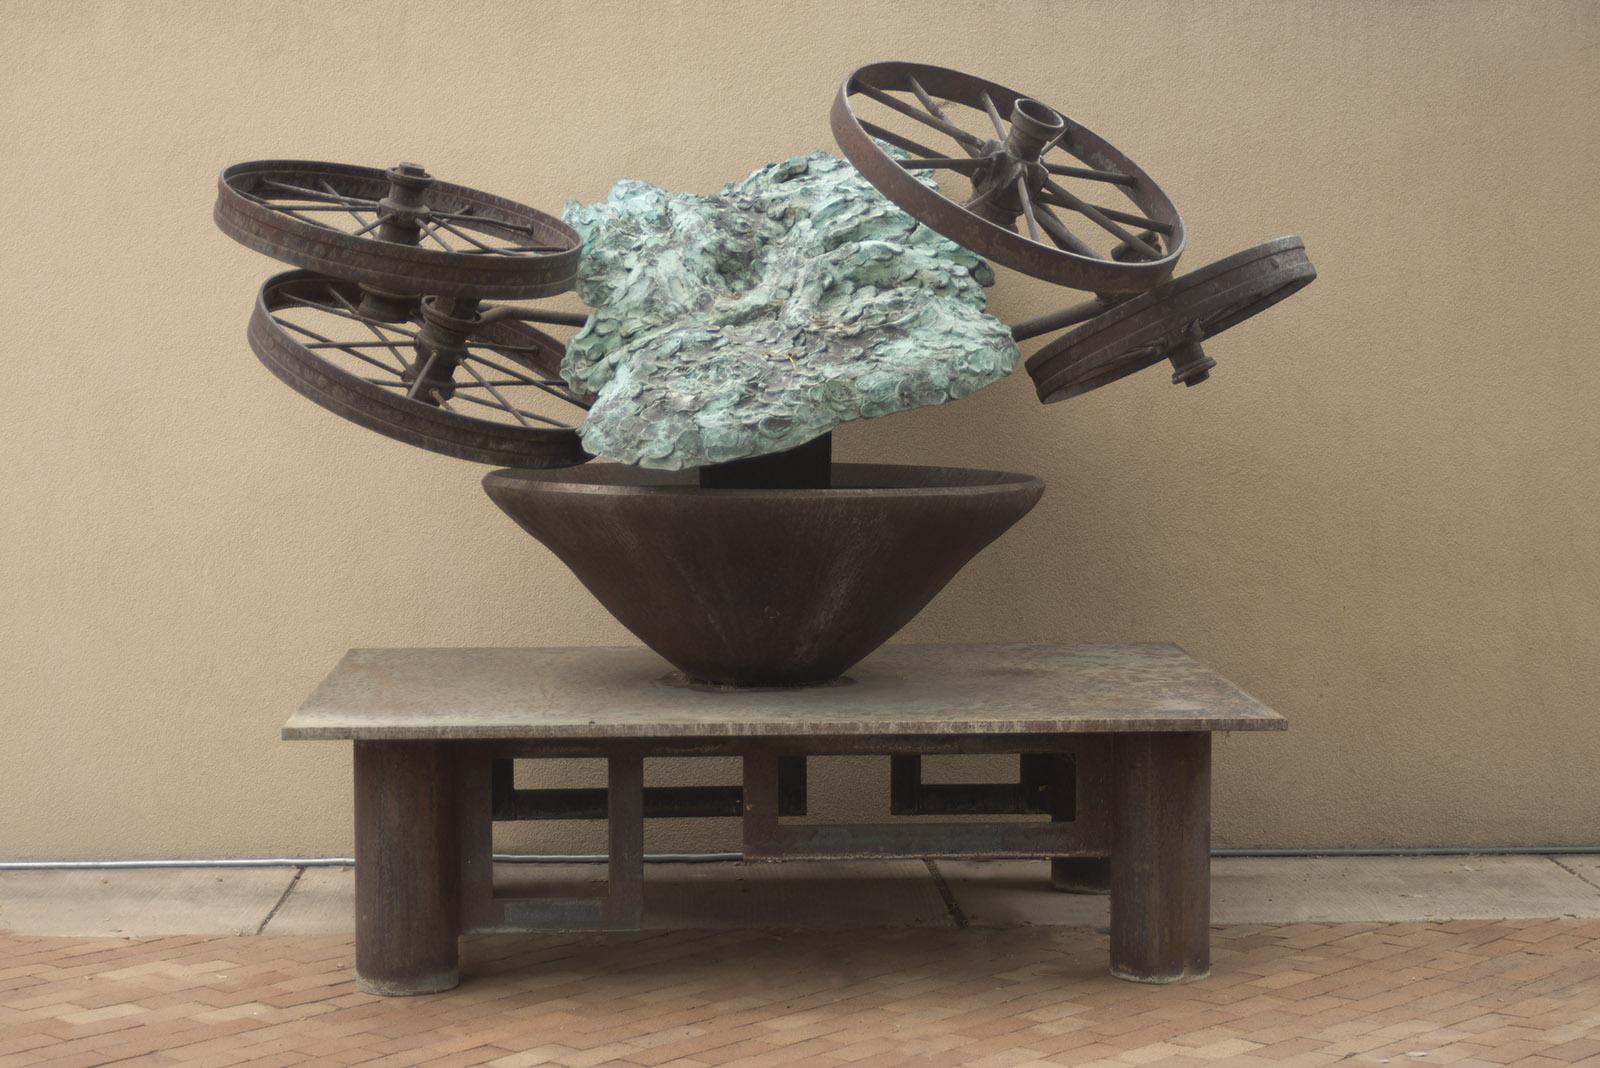 sculpture garden 2020